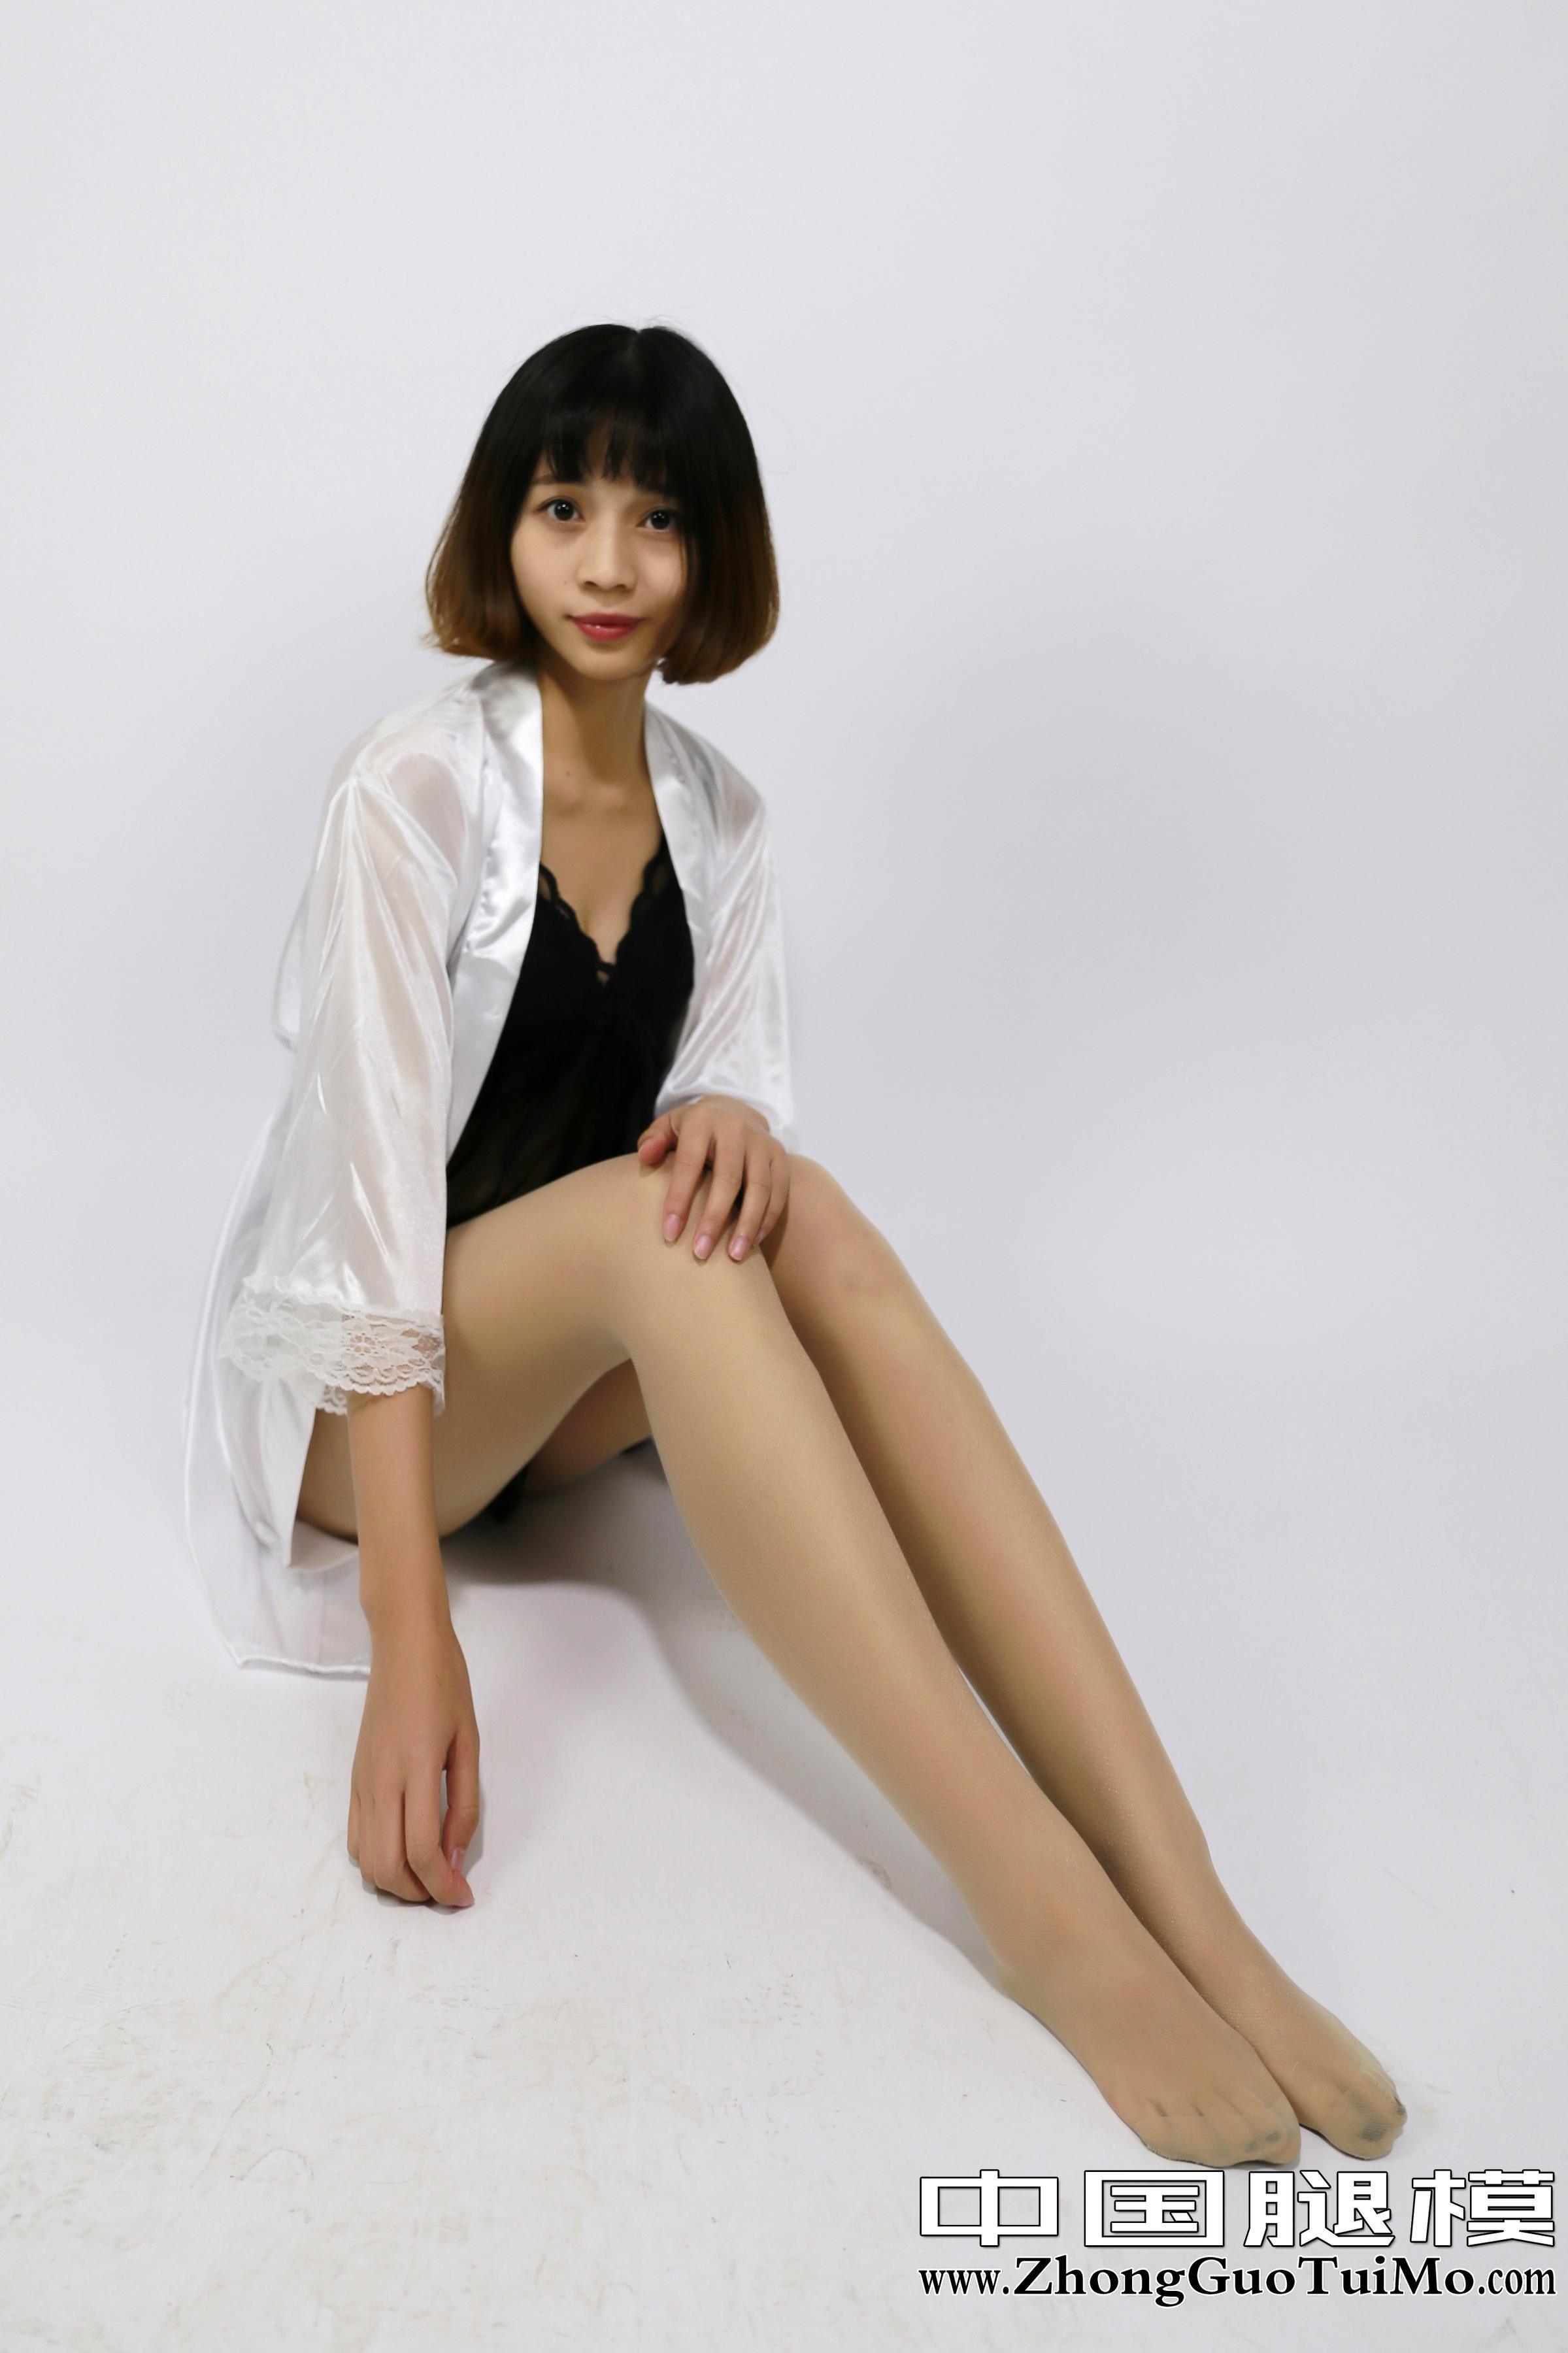 [中国腿模]No.049 李木子 白色透视睡衣裙与黑色性感情趣内衣加白色丝袜美腿私房写真集